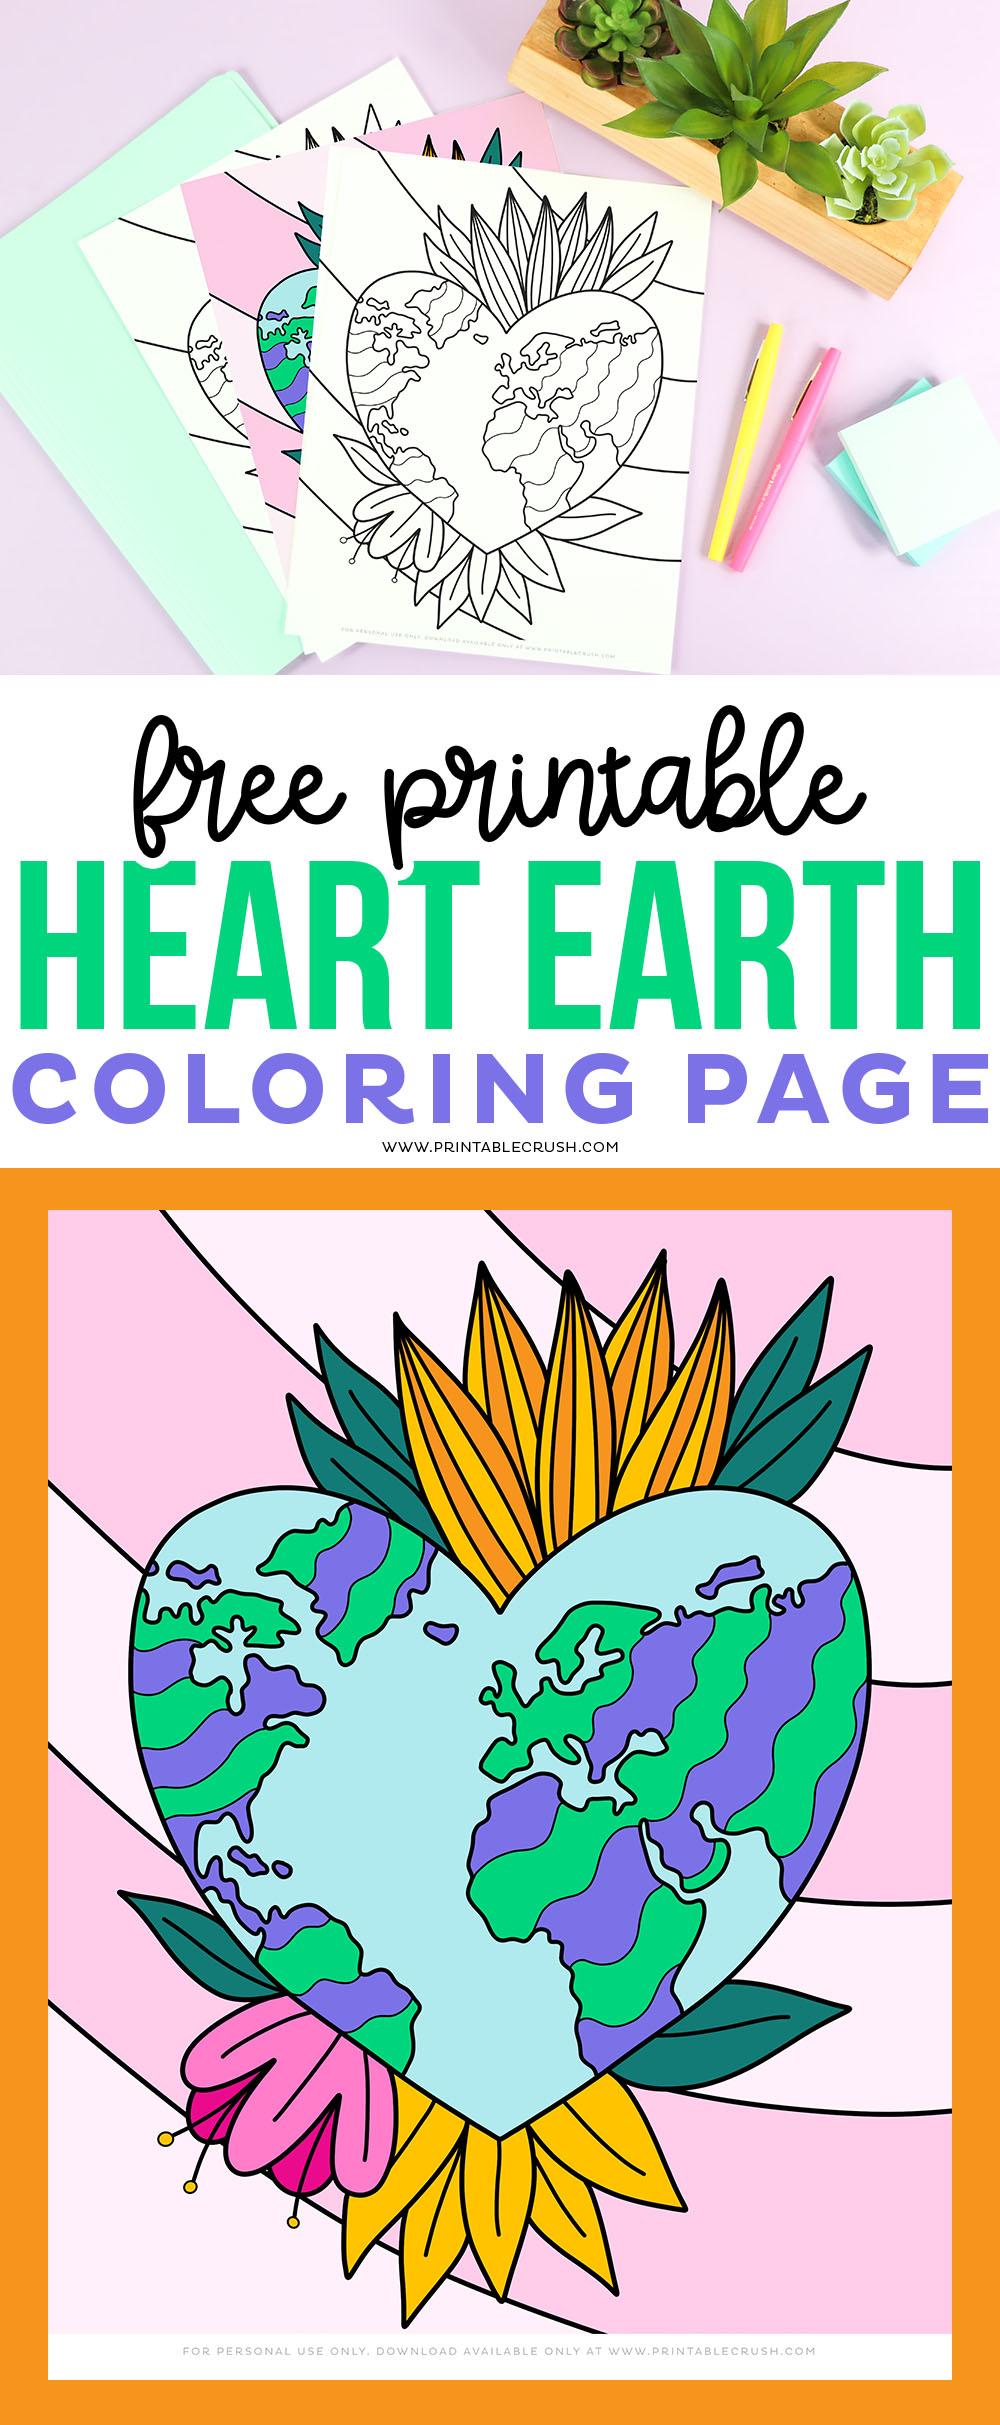 Free Printable Earth Coloring Page #coloringpage #freeprintable #printablecrush #earthcoloringpage #handdrawn via @printablecrush